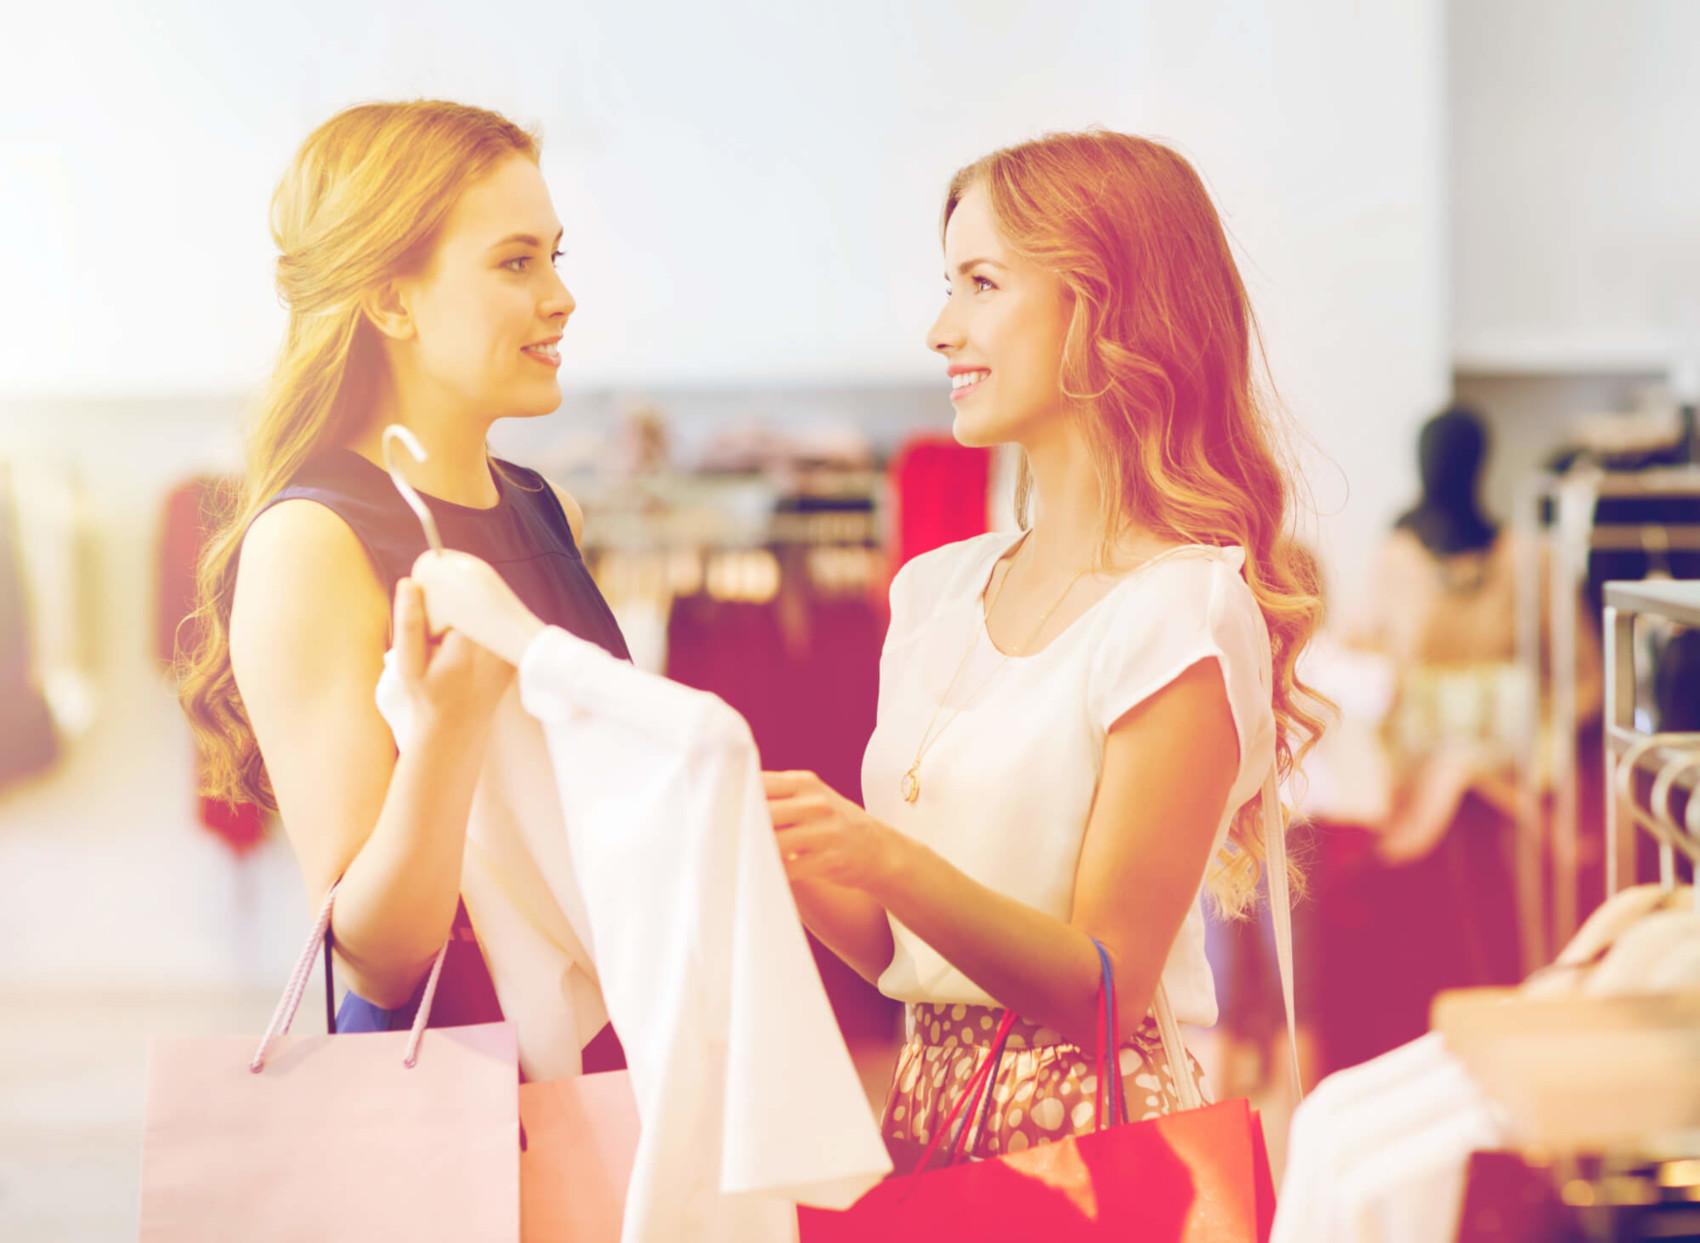 Frauen-Beim-Einkaufen_1